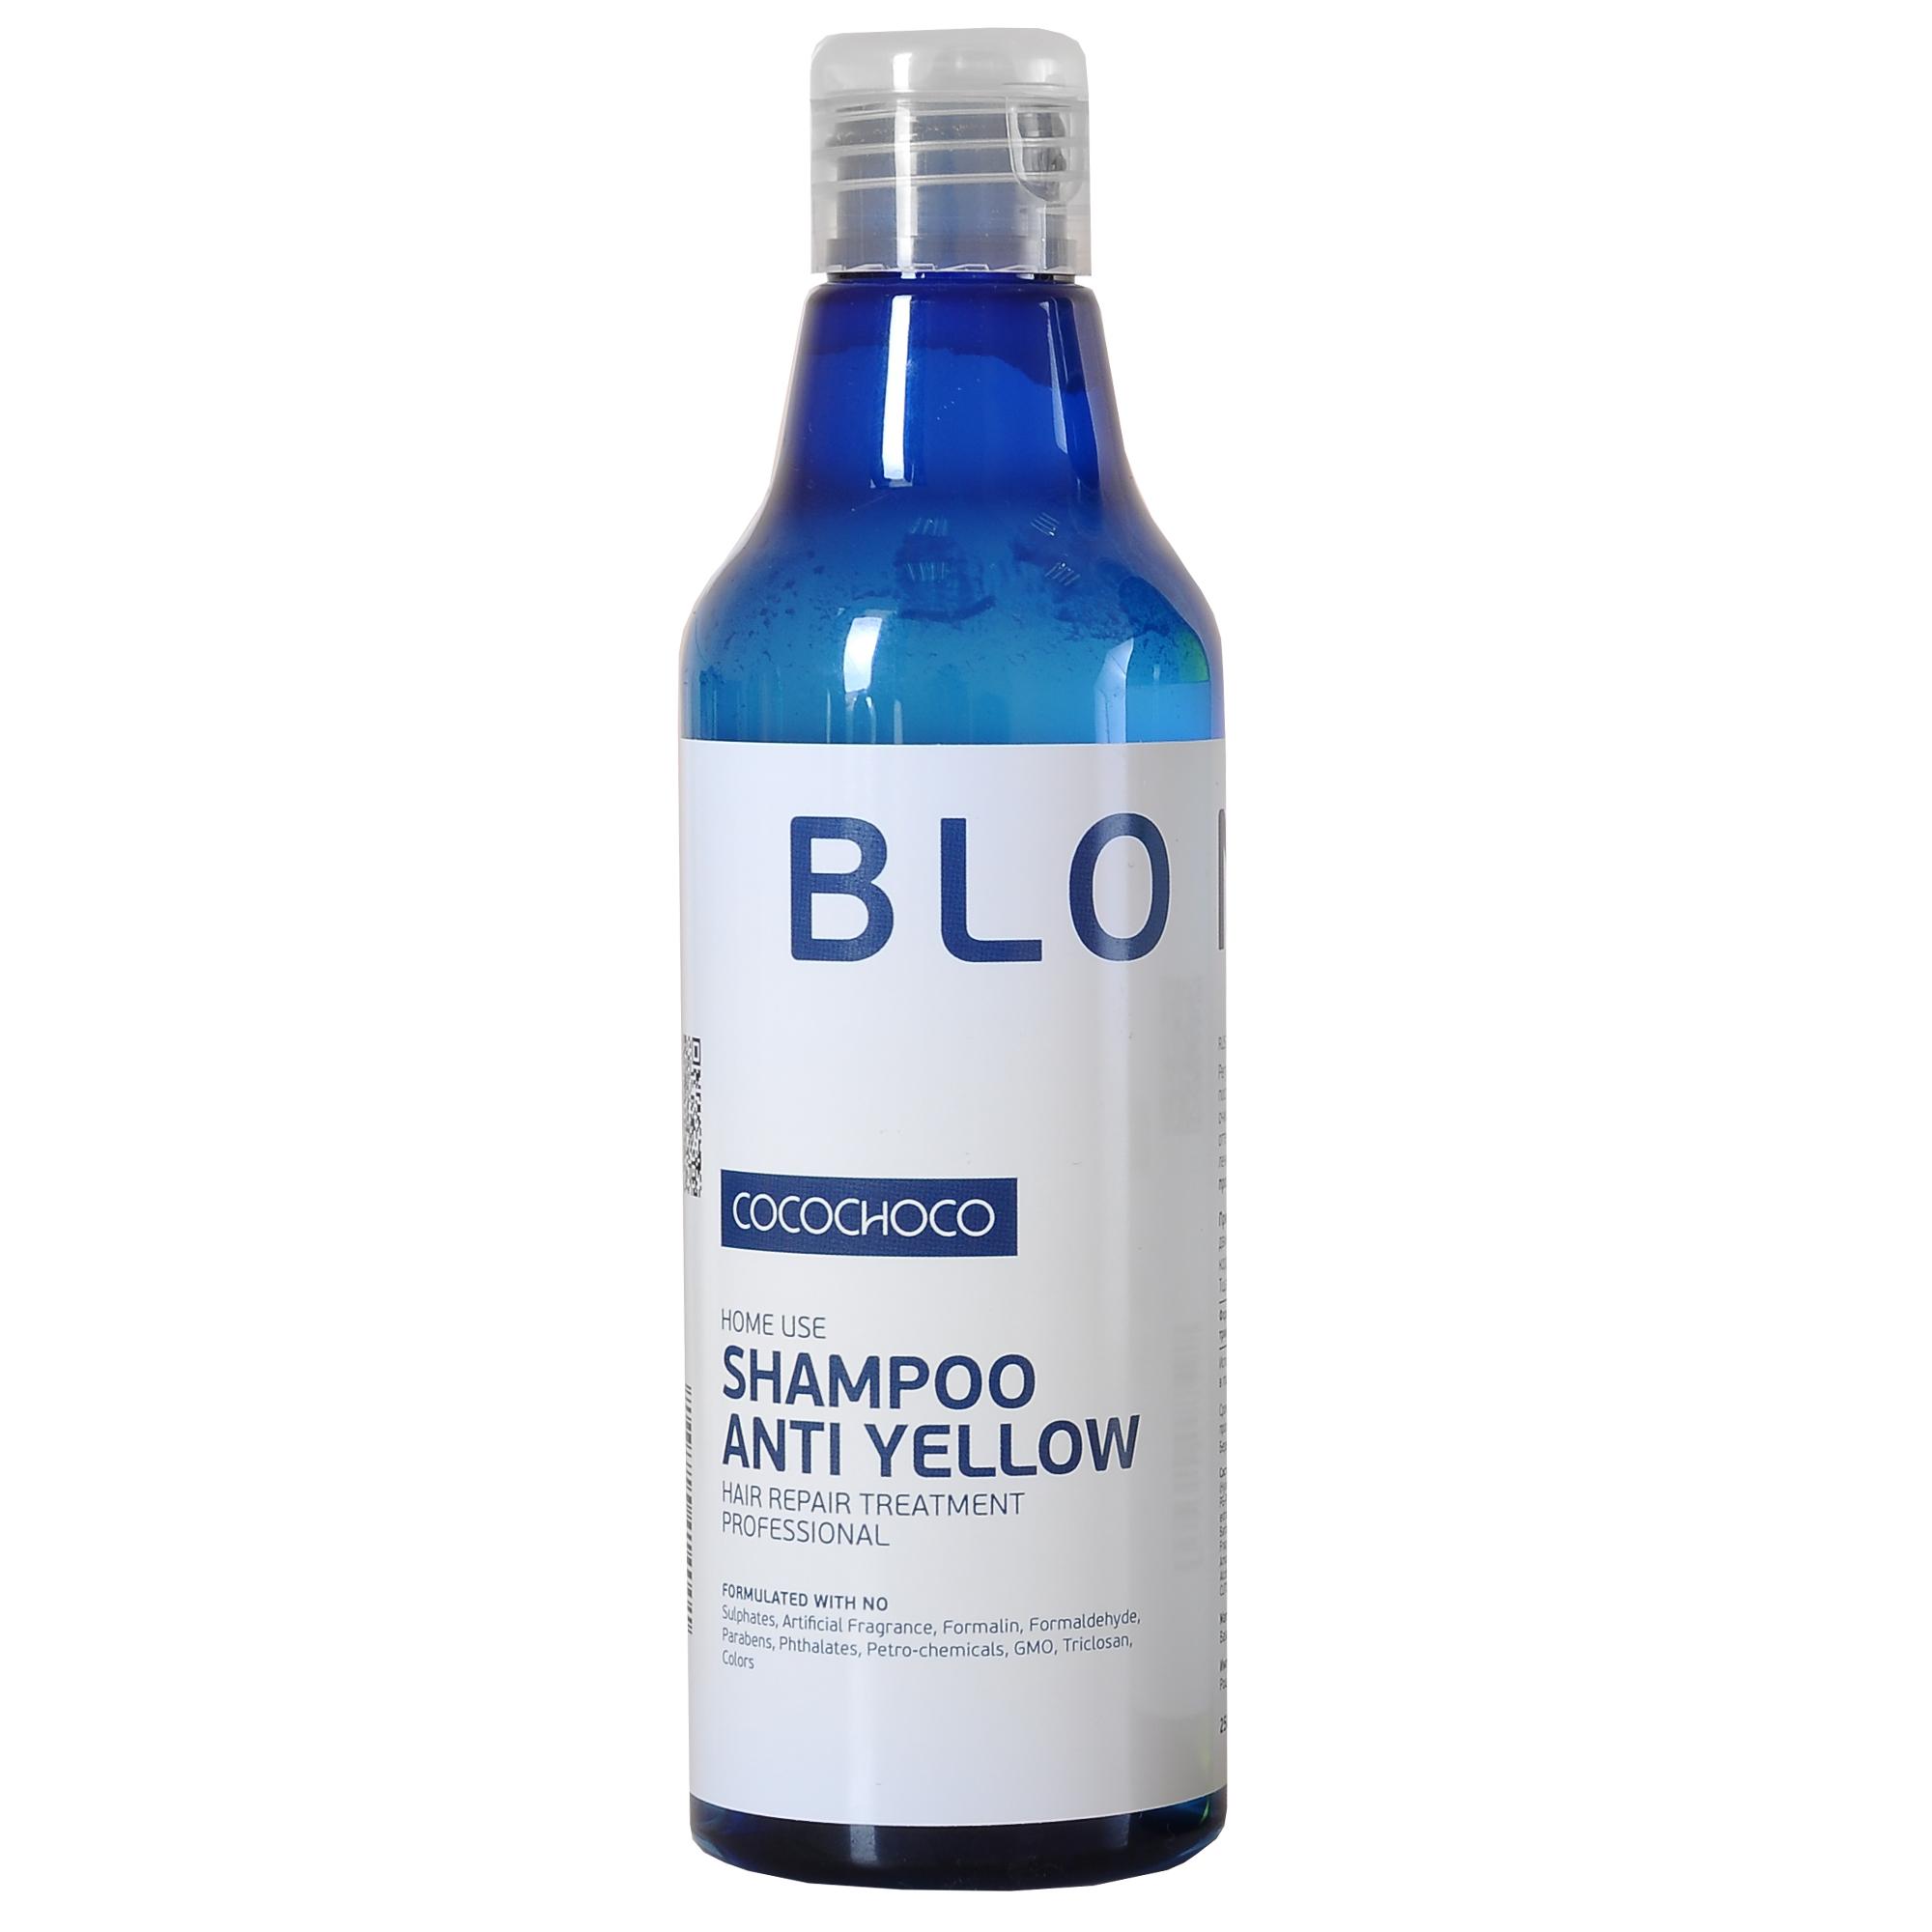 COCOCHOCO Шампунь для осветленных волос / BLONDE 250 млШампуни<br>Шампунь Blonde Shampoo Anti Yellow предназначен для ухода за блондированными волосами, а также применяется после процедуры кератинового восстановления волос, помогая максимально сохранить результат на длительный период времени. Шампунь мягко ухаживает за ослабленными после обесцвечивания волосами, обеспечивает бережное очищение и глубокое питание, восстанавливает структуру и обеспечивает нейтрализацию жёлтых пигментов, что помогает поддерживать холодные оттенки блонд. Волосы становятся более крепкими, здоровыми и ухоженными. Шампунь не содержит красителей, нейтрализация происходит за счет светоотражающих компонентов, поэтому он подходит для ежедневного использования. Способ применения: нанесите на влажные волосы массируя, равномерно распределите по волосам. Добавьте еще немного воды и помассируйте снова. Оставьте на 1-2 минуты. Тщательно смойте и повторите при необходимости. Активные ингредиенты: смягчение (масла): аргана, олива. Питание (экстракты): сверция японская, лопух, овес, алоэ. Восстановление (аминокислоты): гиалуроновая кислота, альгинаты, пантенол D-5, витамин Е. Уплотнение (протеины): протеин пшеницы, натуральный кератин, протеин сои, молочный казеин. Текстура: глицерид мускатного ореха, силанетриол, феноксиэтанол, бензиловый спирт, гидролизованный крахмал, триглицерид каприловой кислоты<br><br>Объем: 250 мл<br>Вид средства для волос: Кератиновая<br>Типы волос: Ослабленные